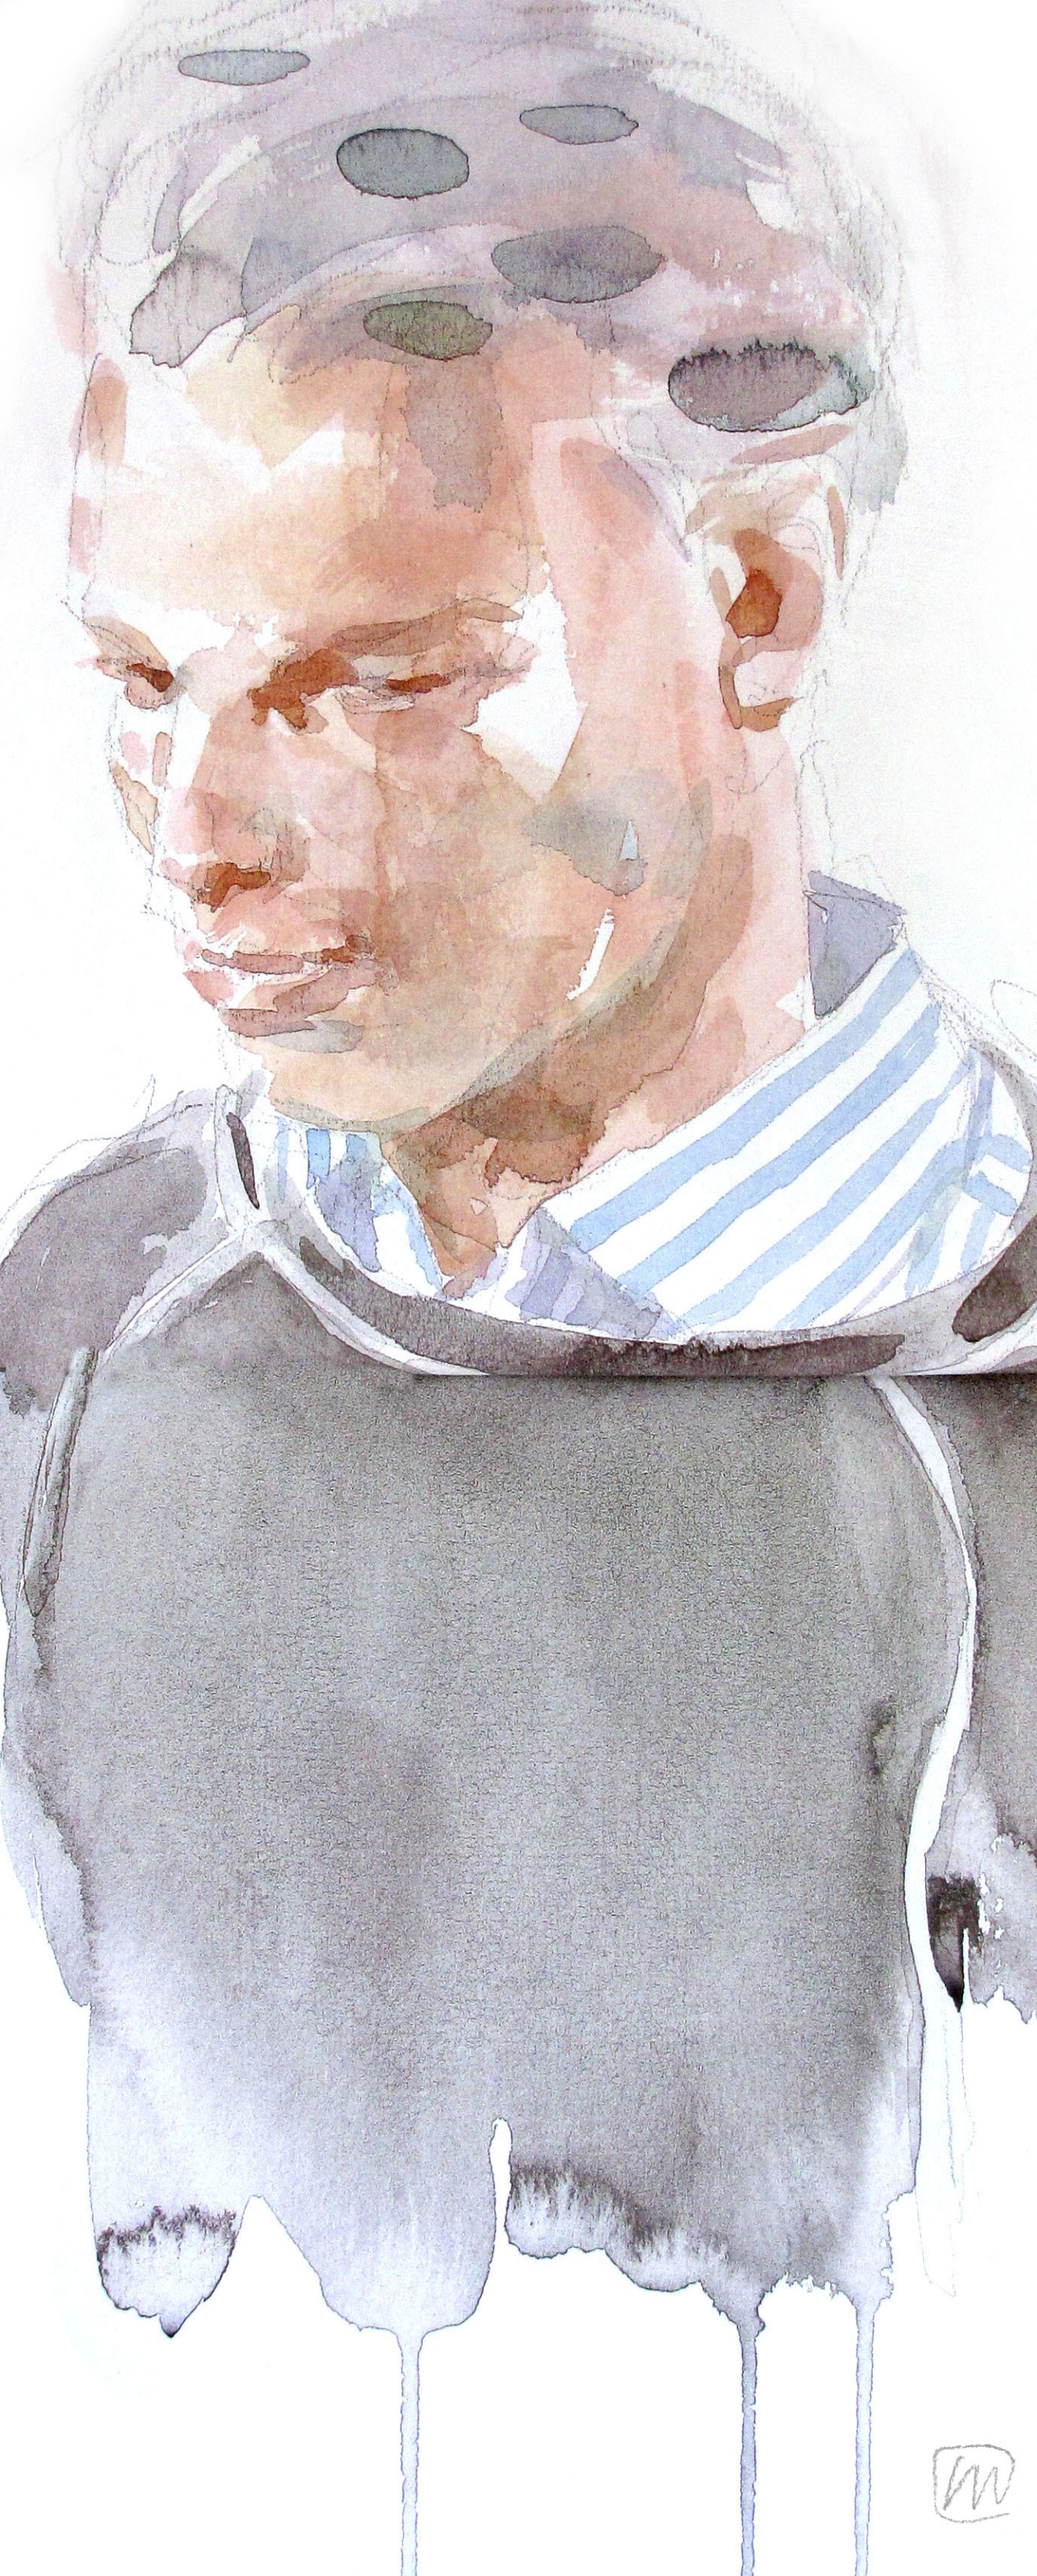 Andrea Mancini fashion illustration 22